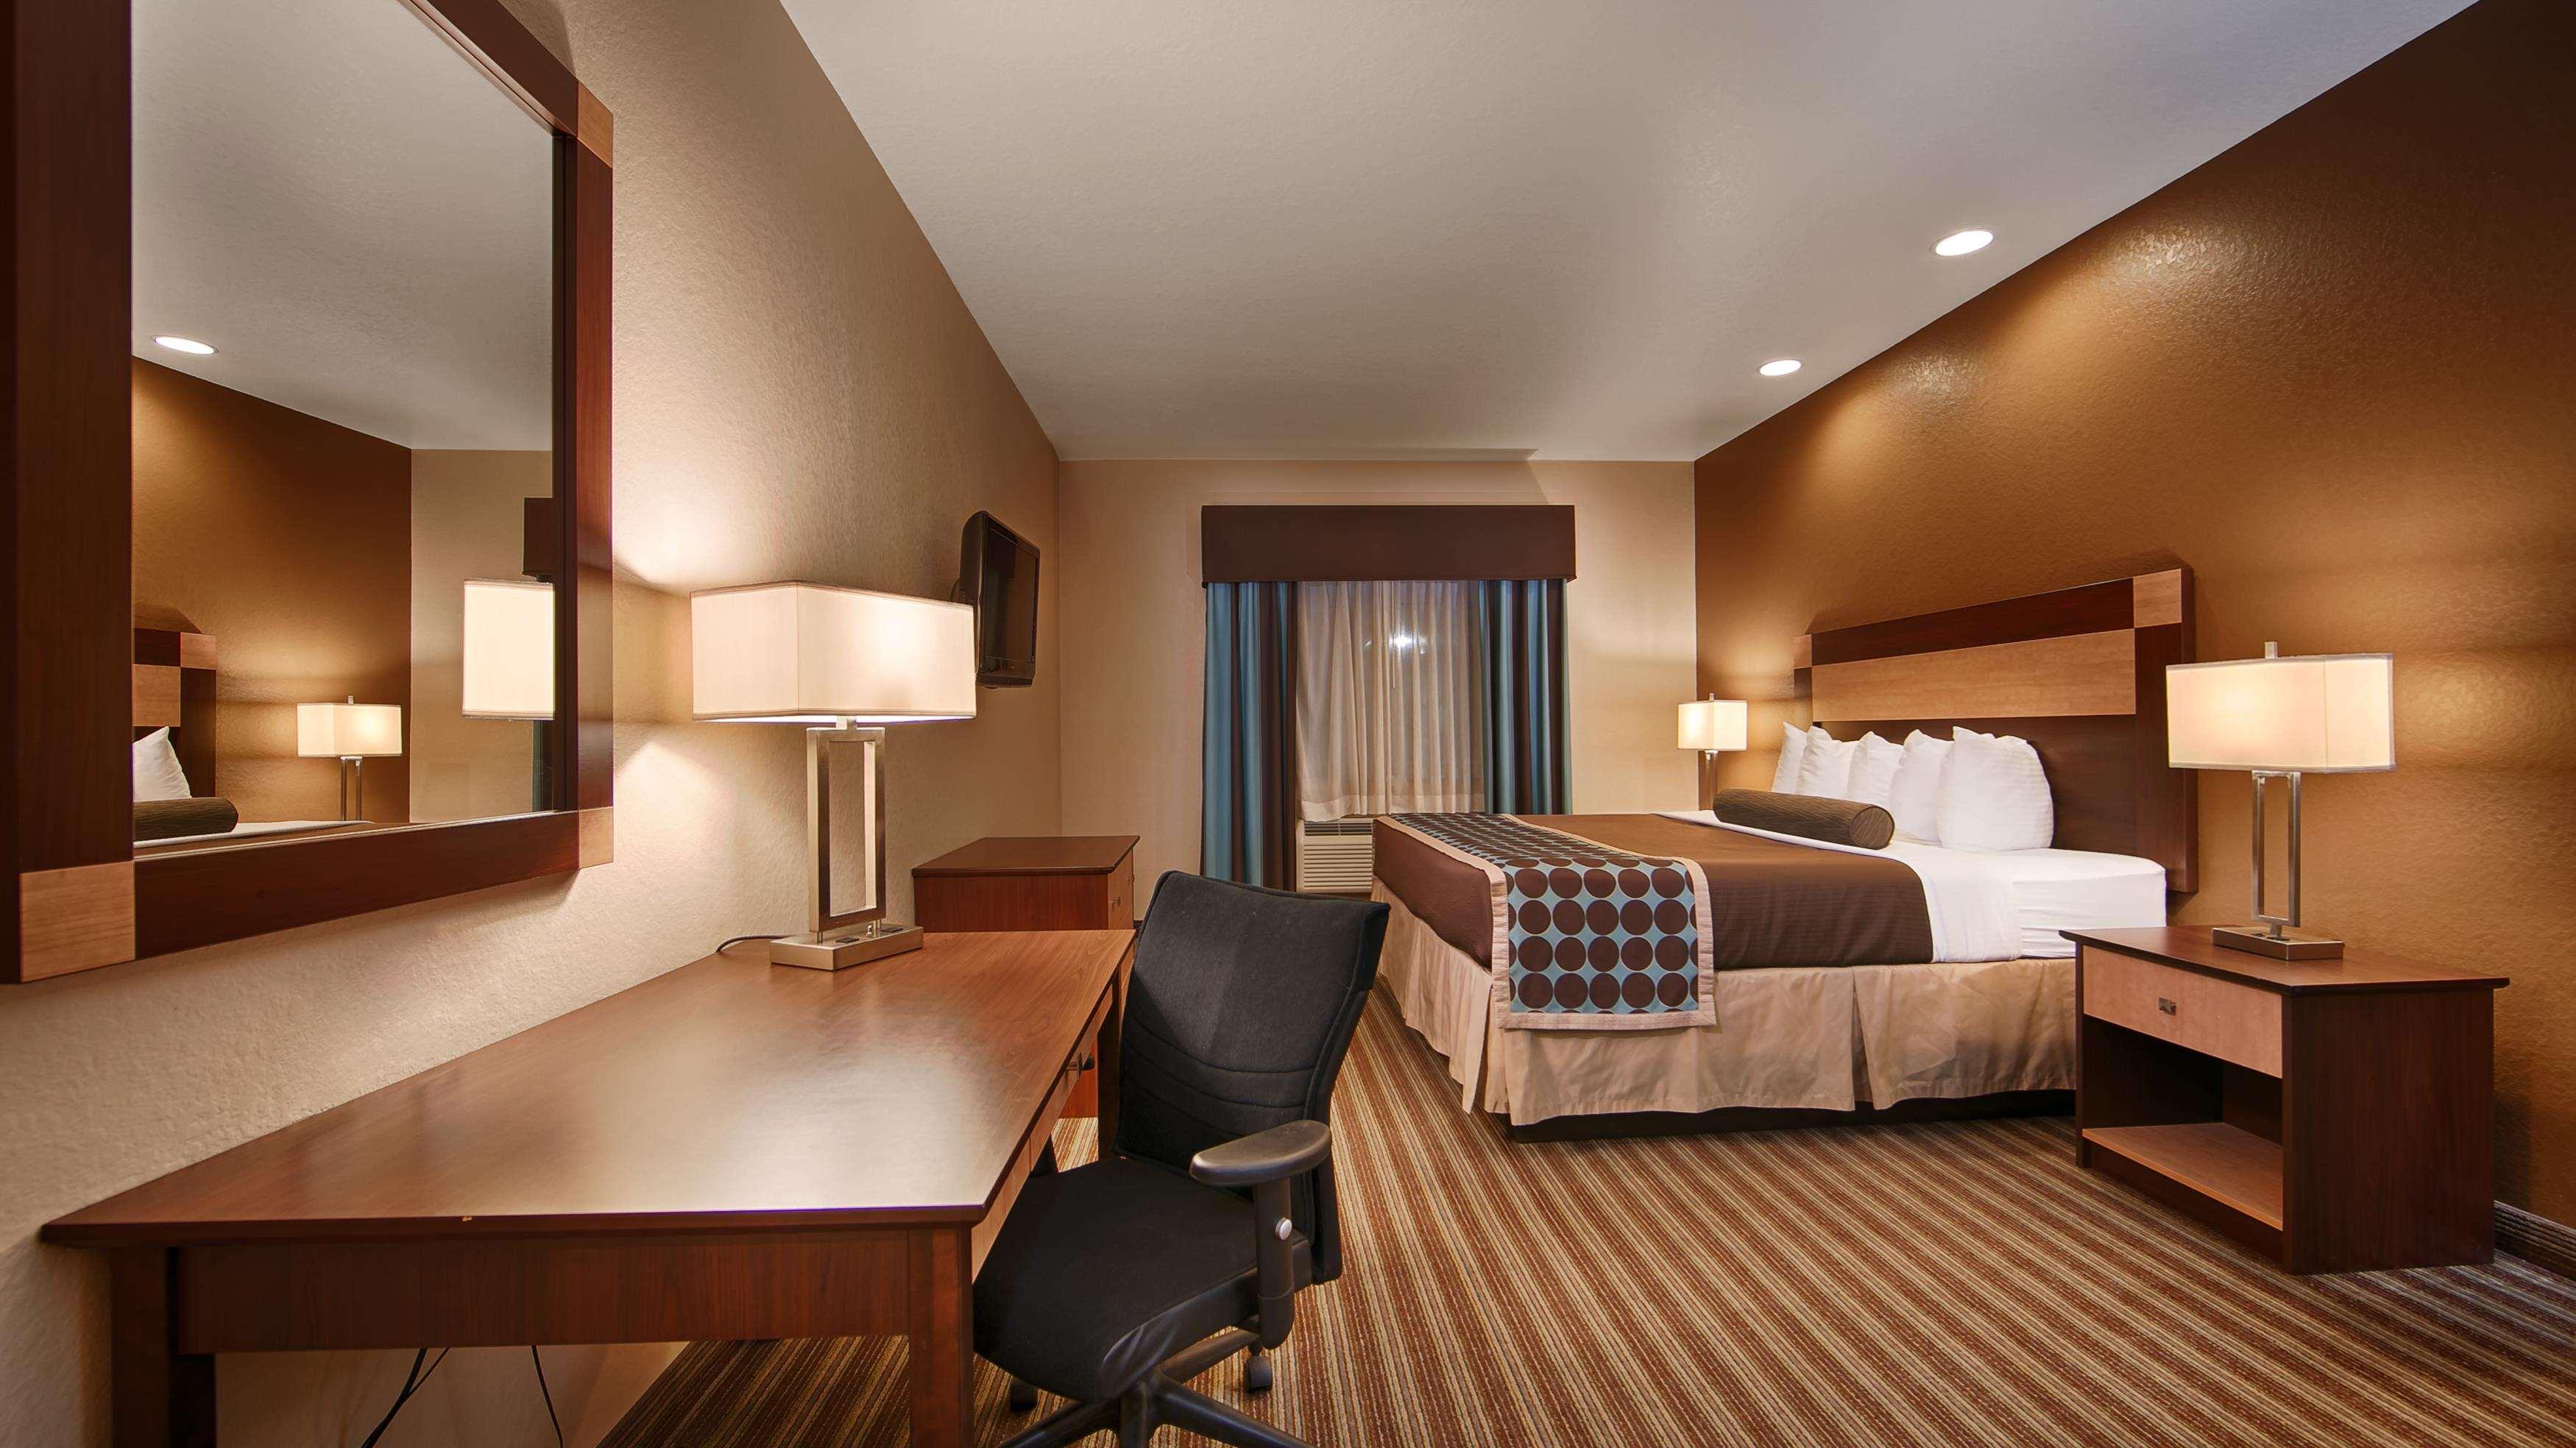 Best Western Plus Palo Alto Inn & Suites image 5